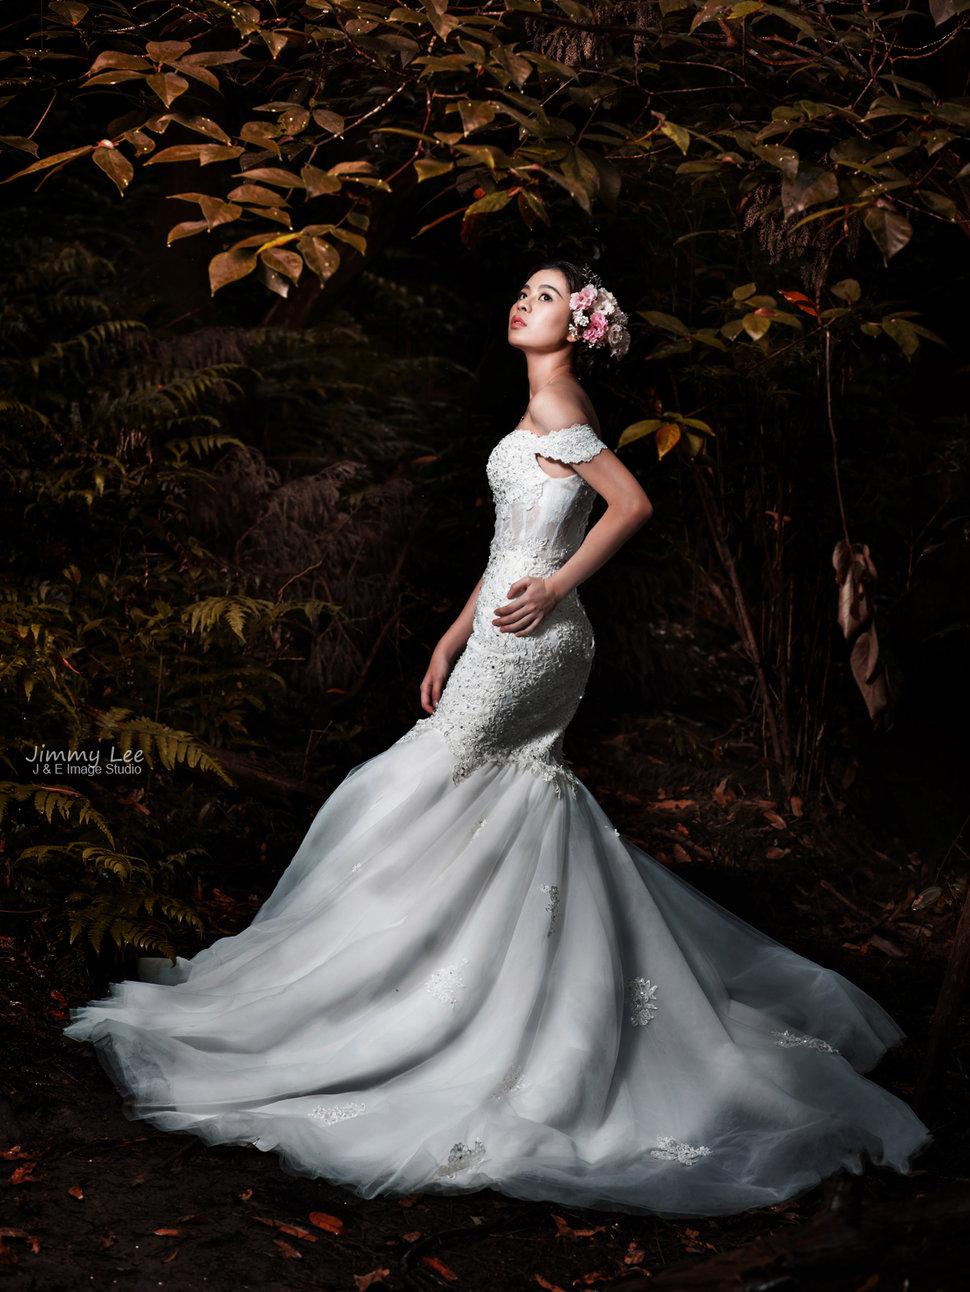 自主婚紗精選特輯(編號:423889) - J&E Image Studio - 結婚吧